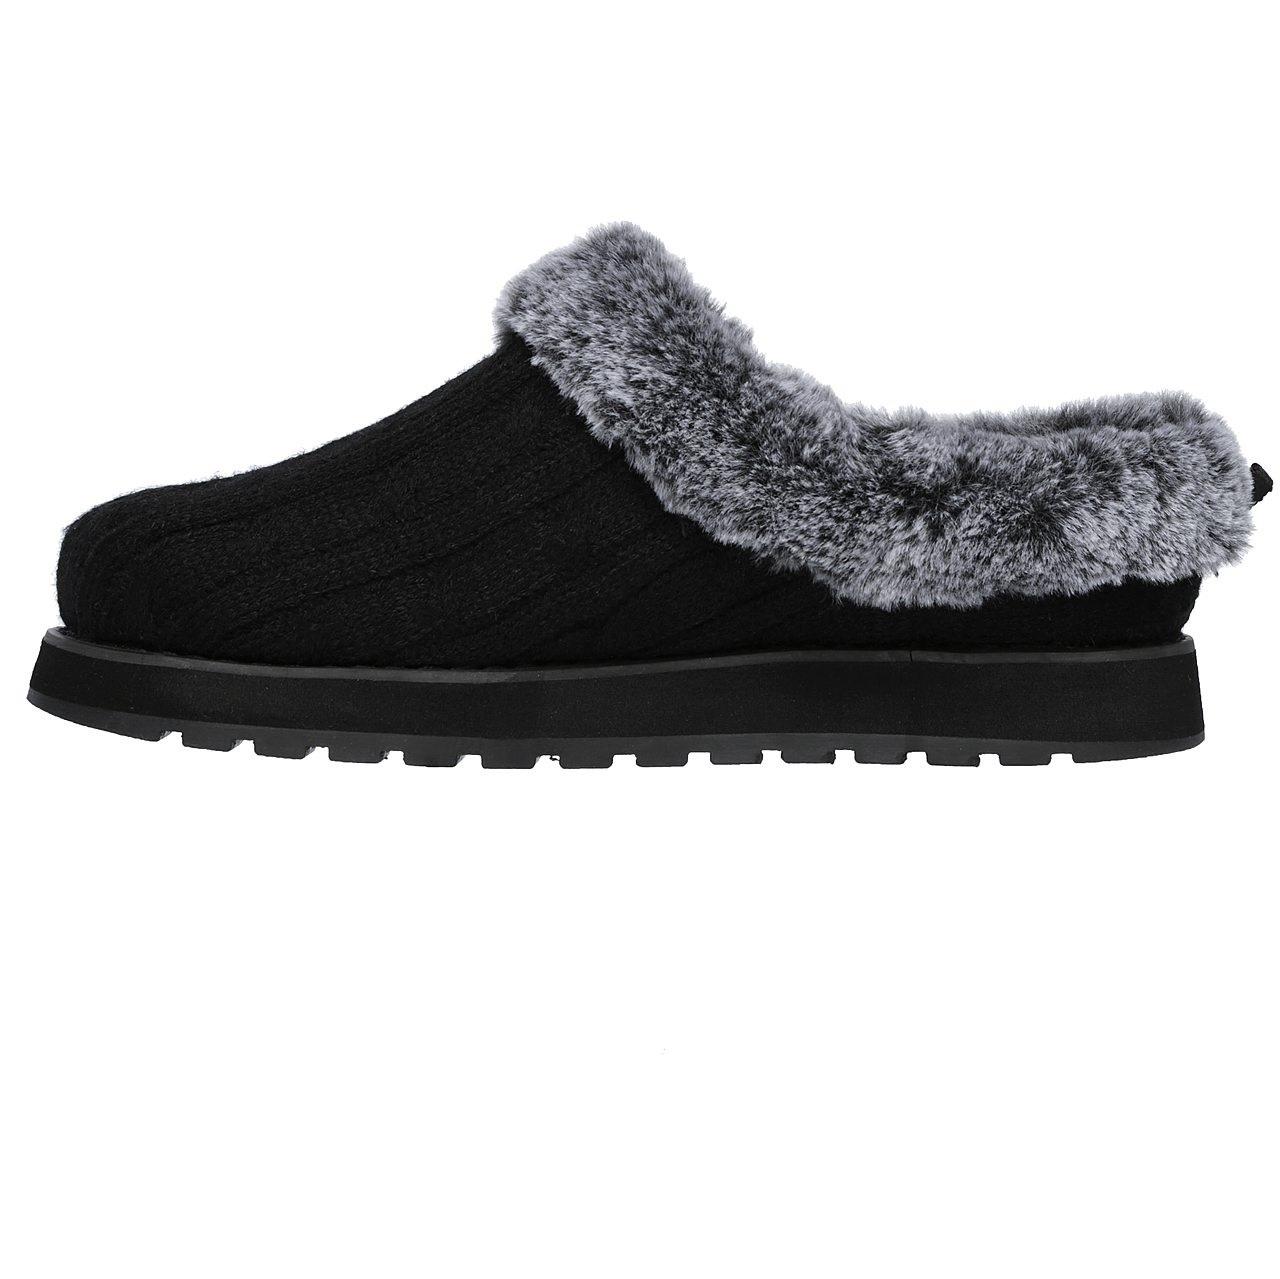 کفش پیاده روی زمستانی نه اسکچرز مدل 31204blk